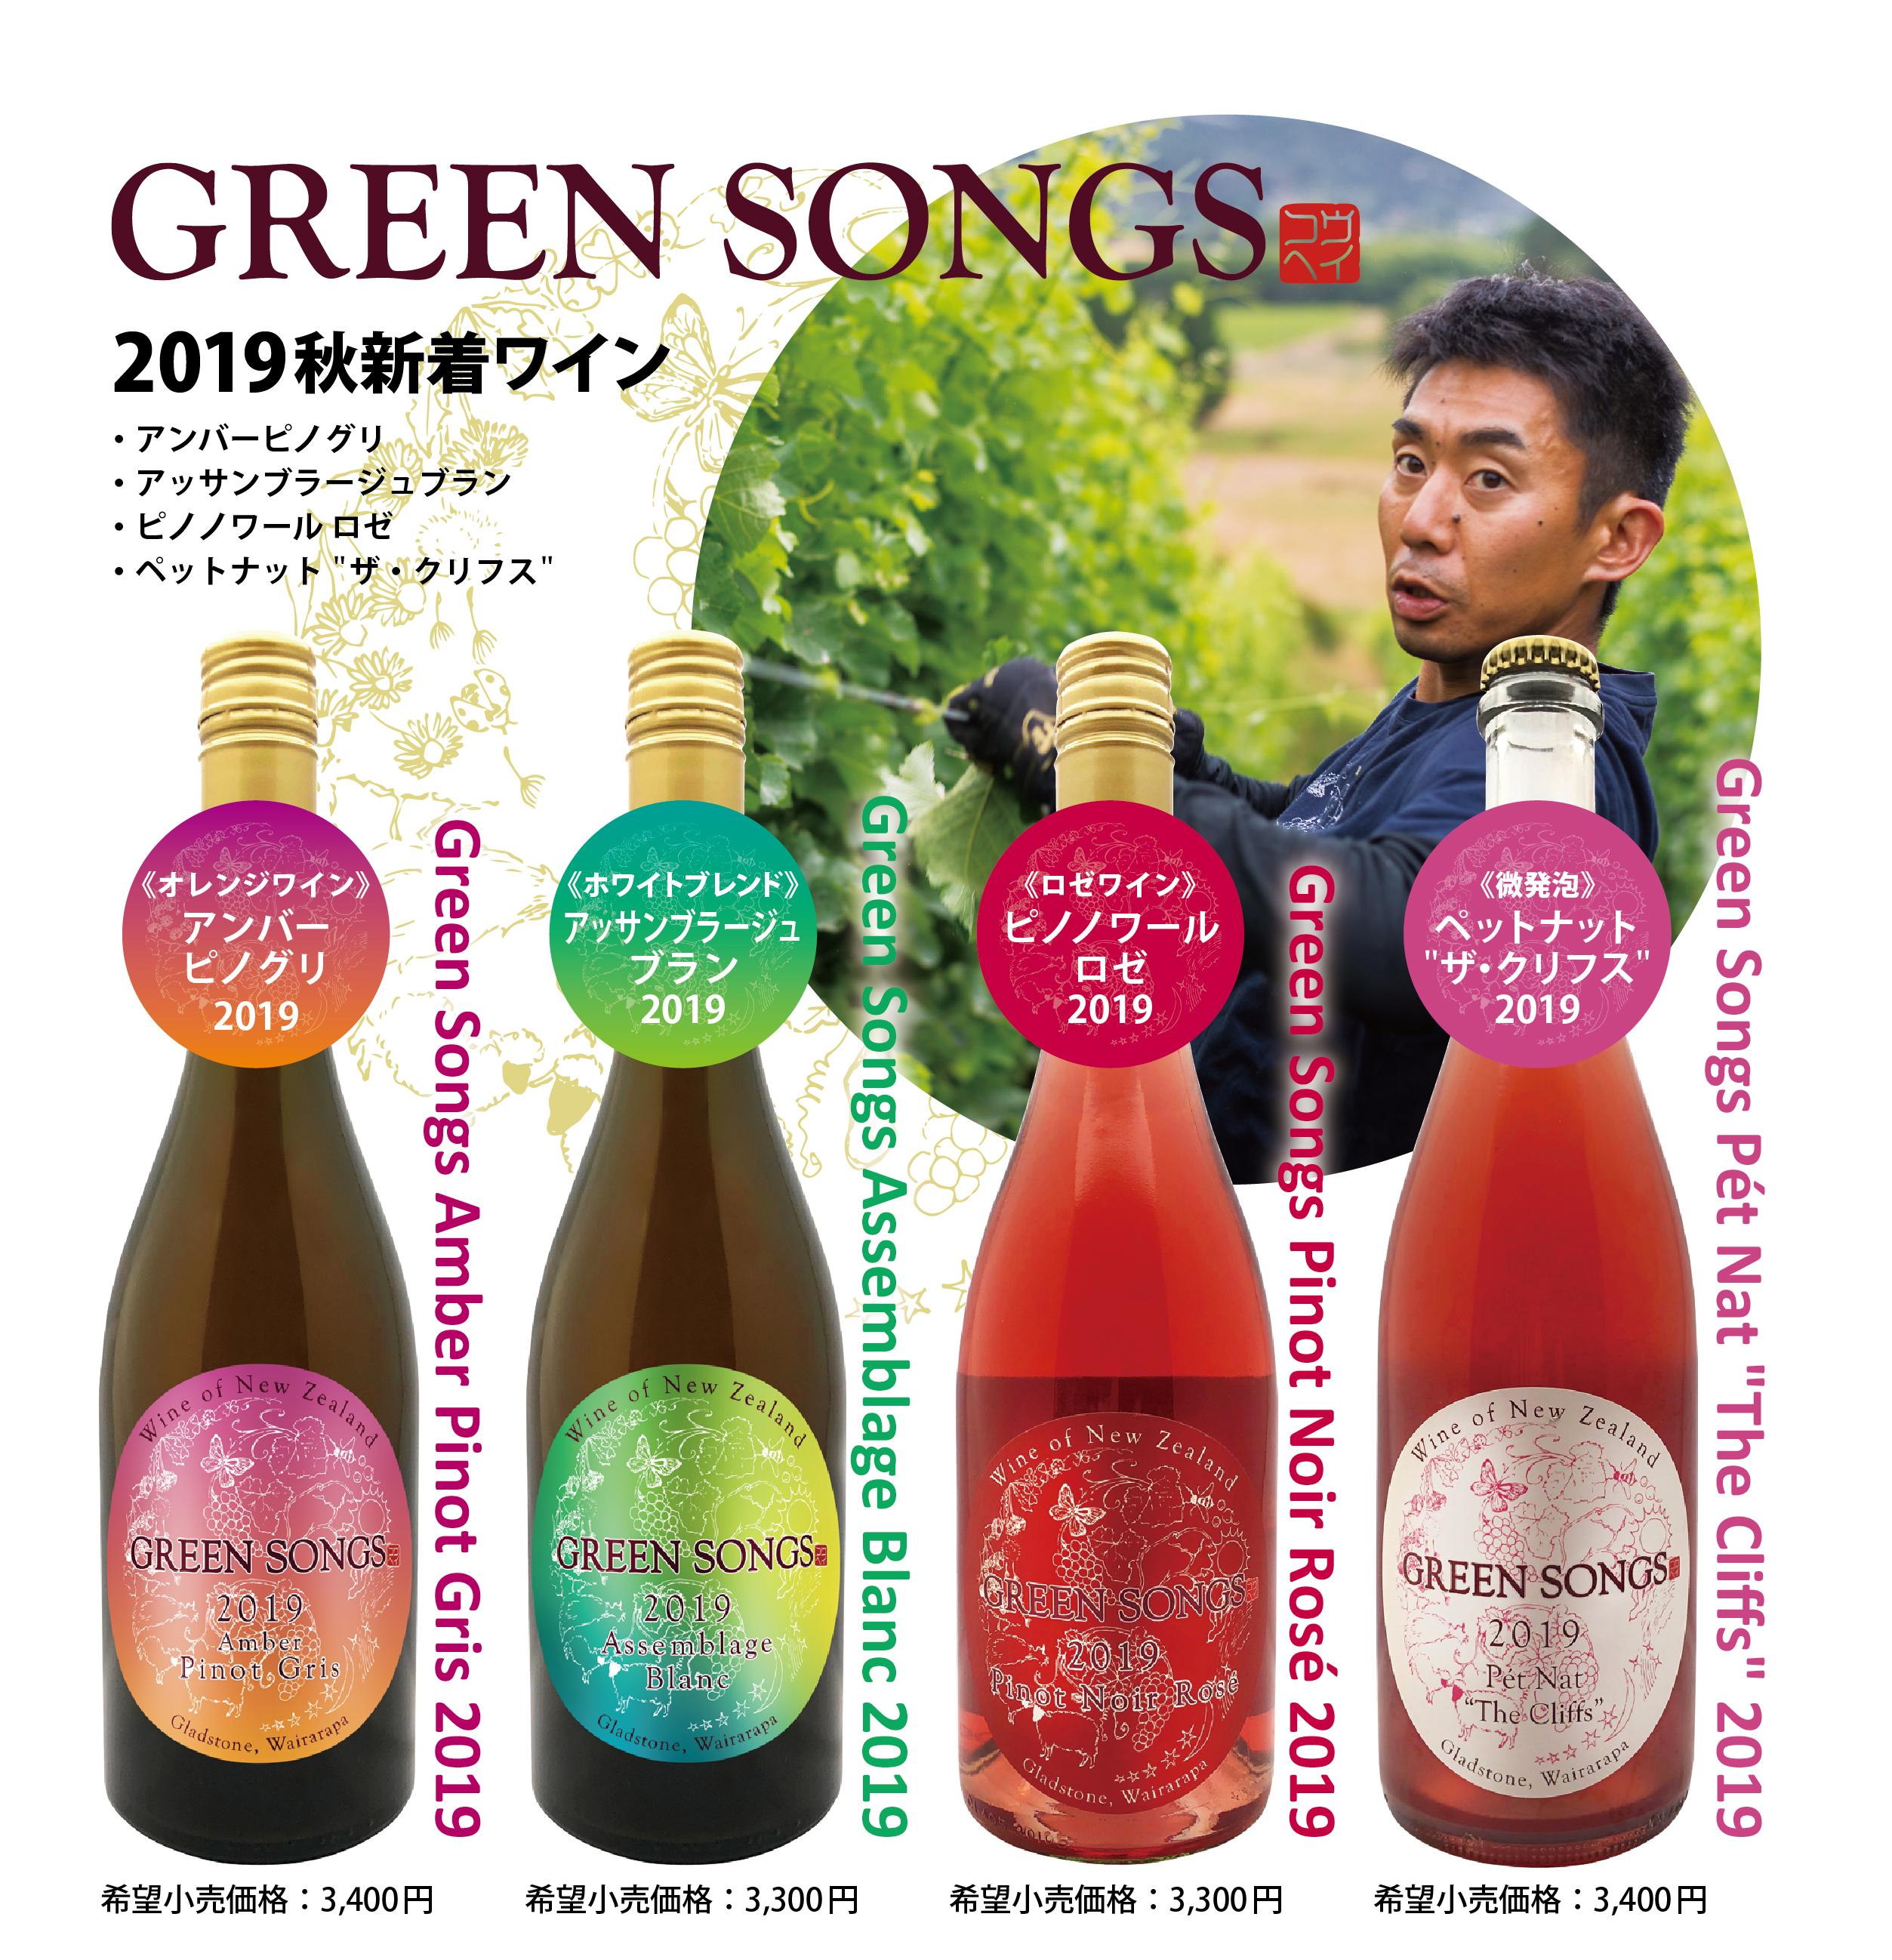 【新商品】グリーンソングスから新着4アイテムとペットナットのボトリング動画!